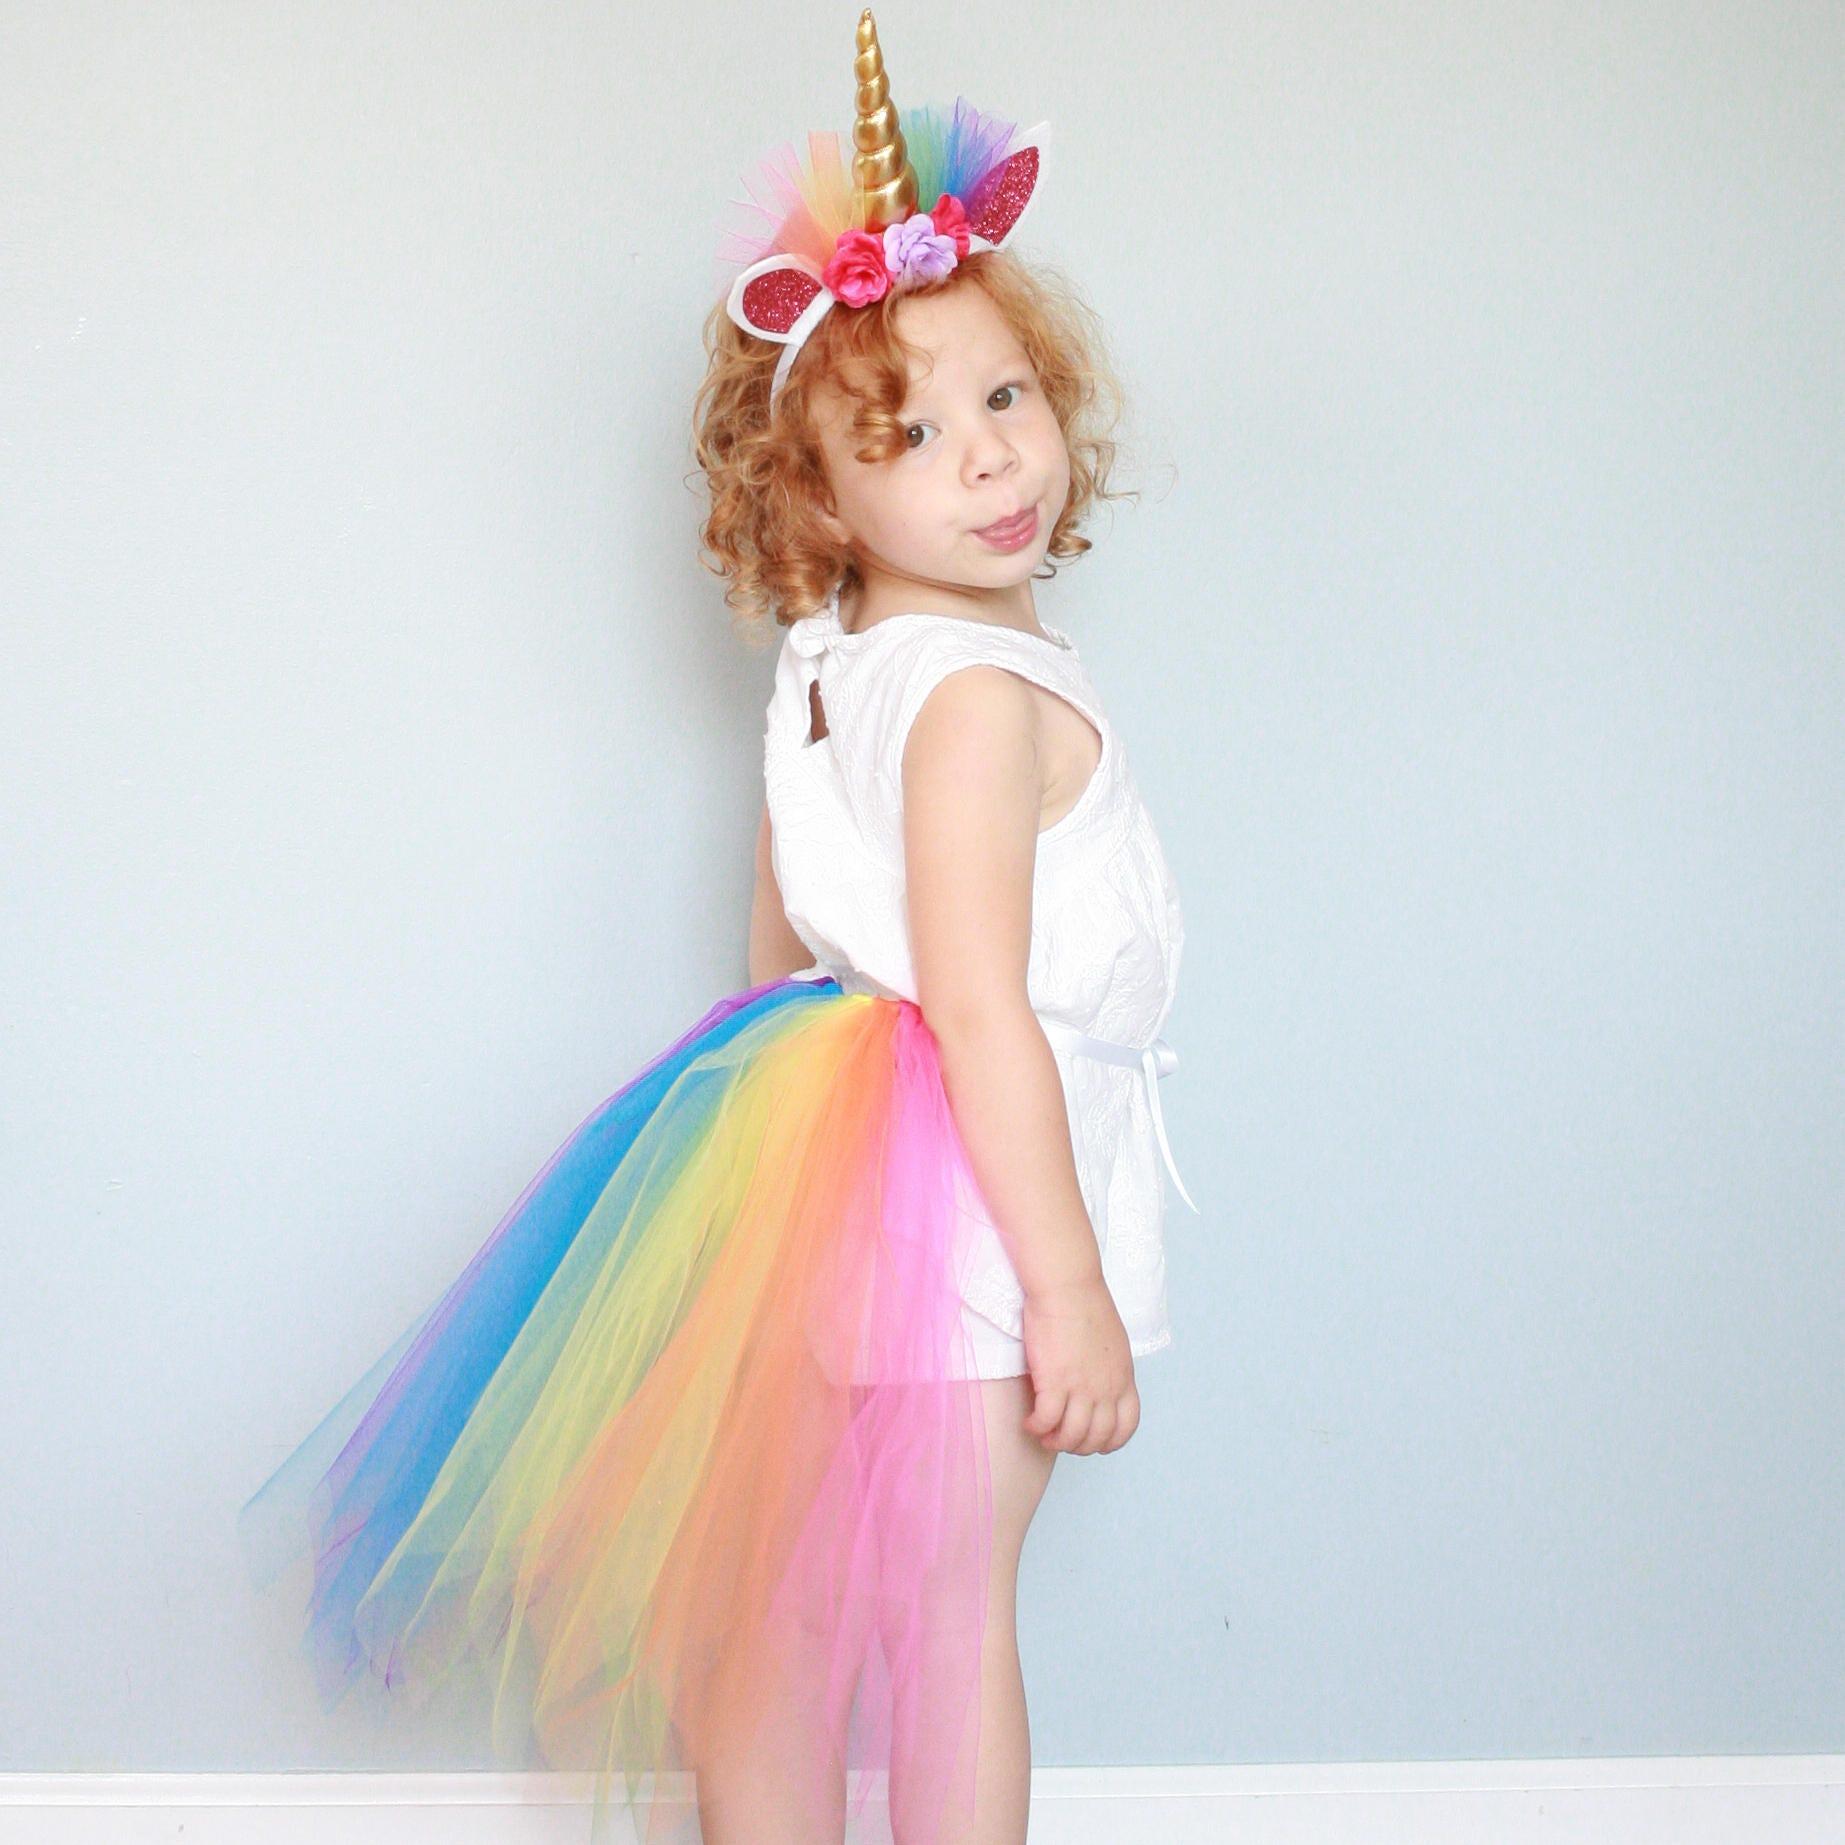 rainbow unicorn costume girls unicorn costume rainbow unicorn tail costume adult unicorn costume